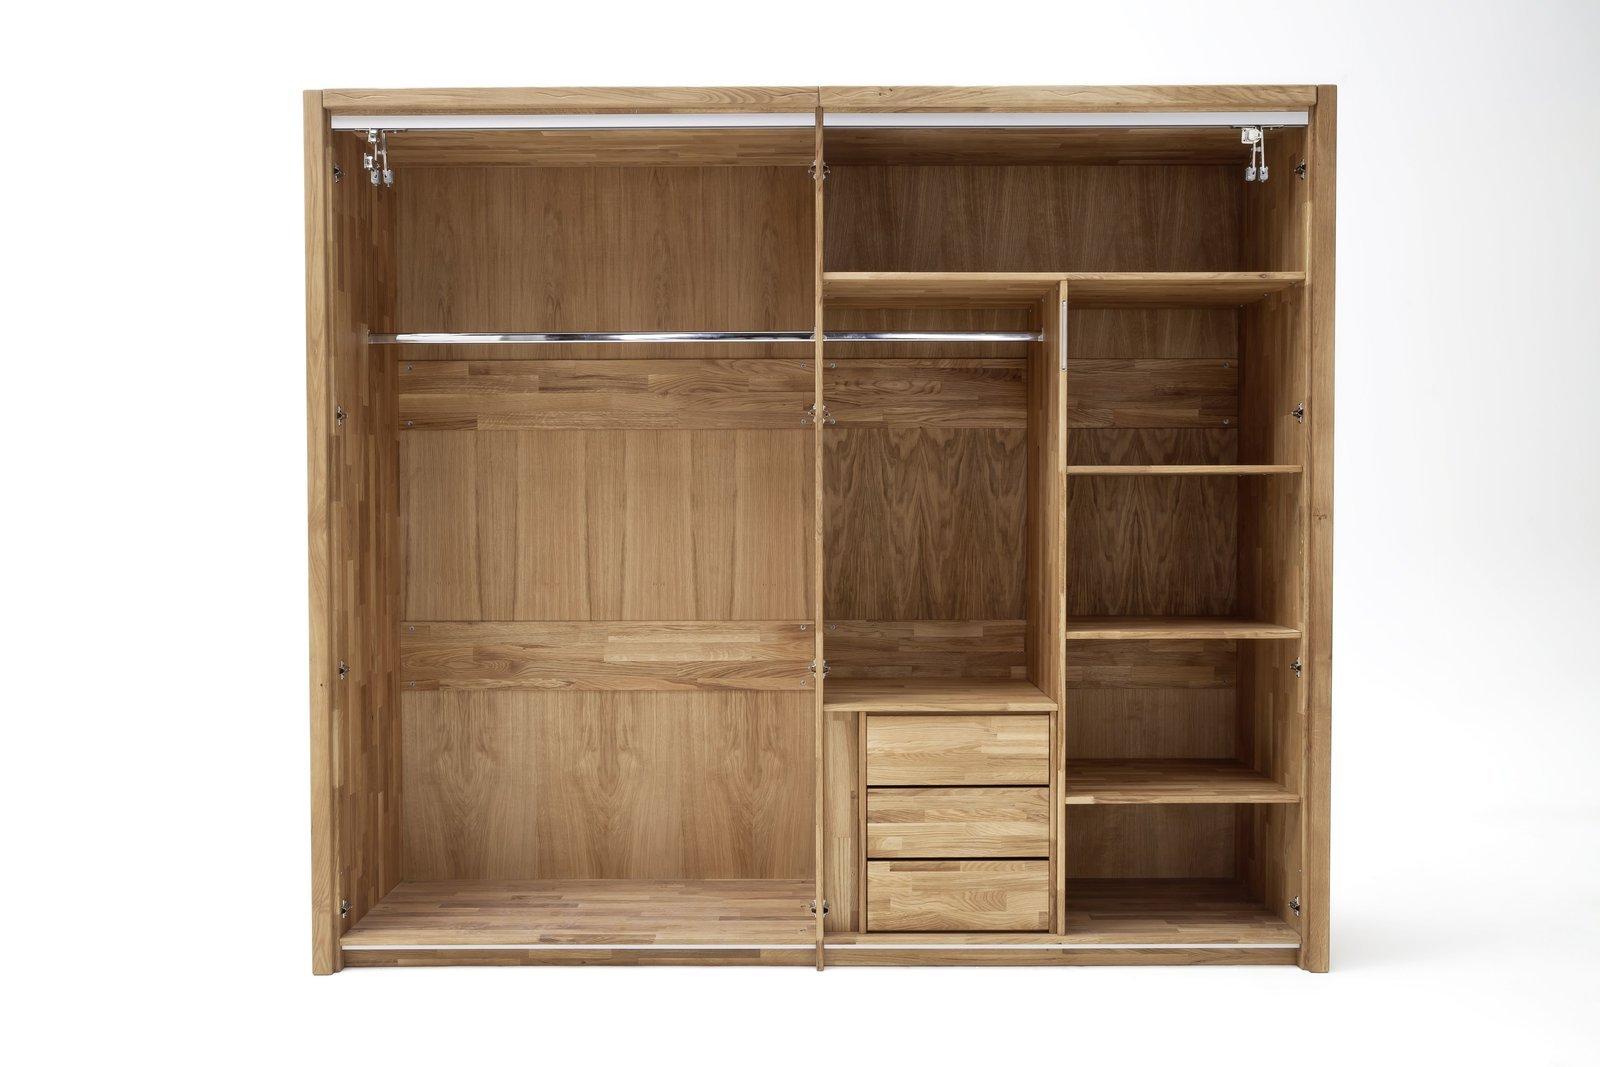 Schlafzimmer Daina Wildeiche Massivholz, Bild 3